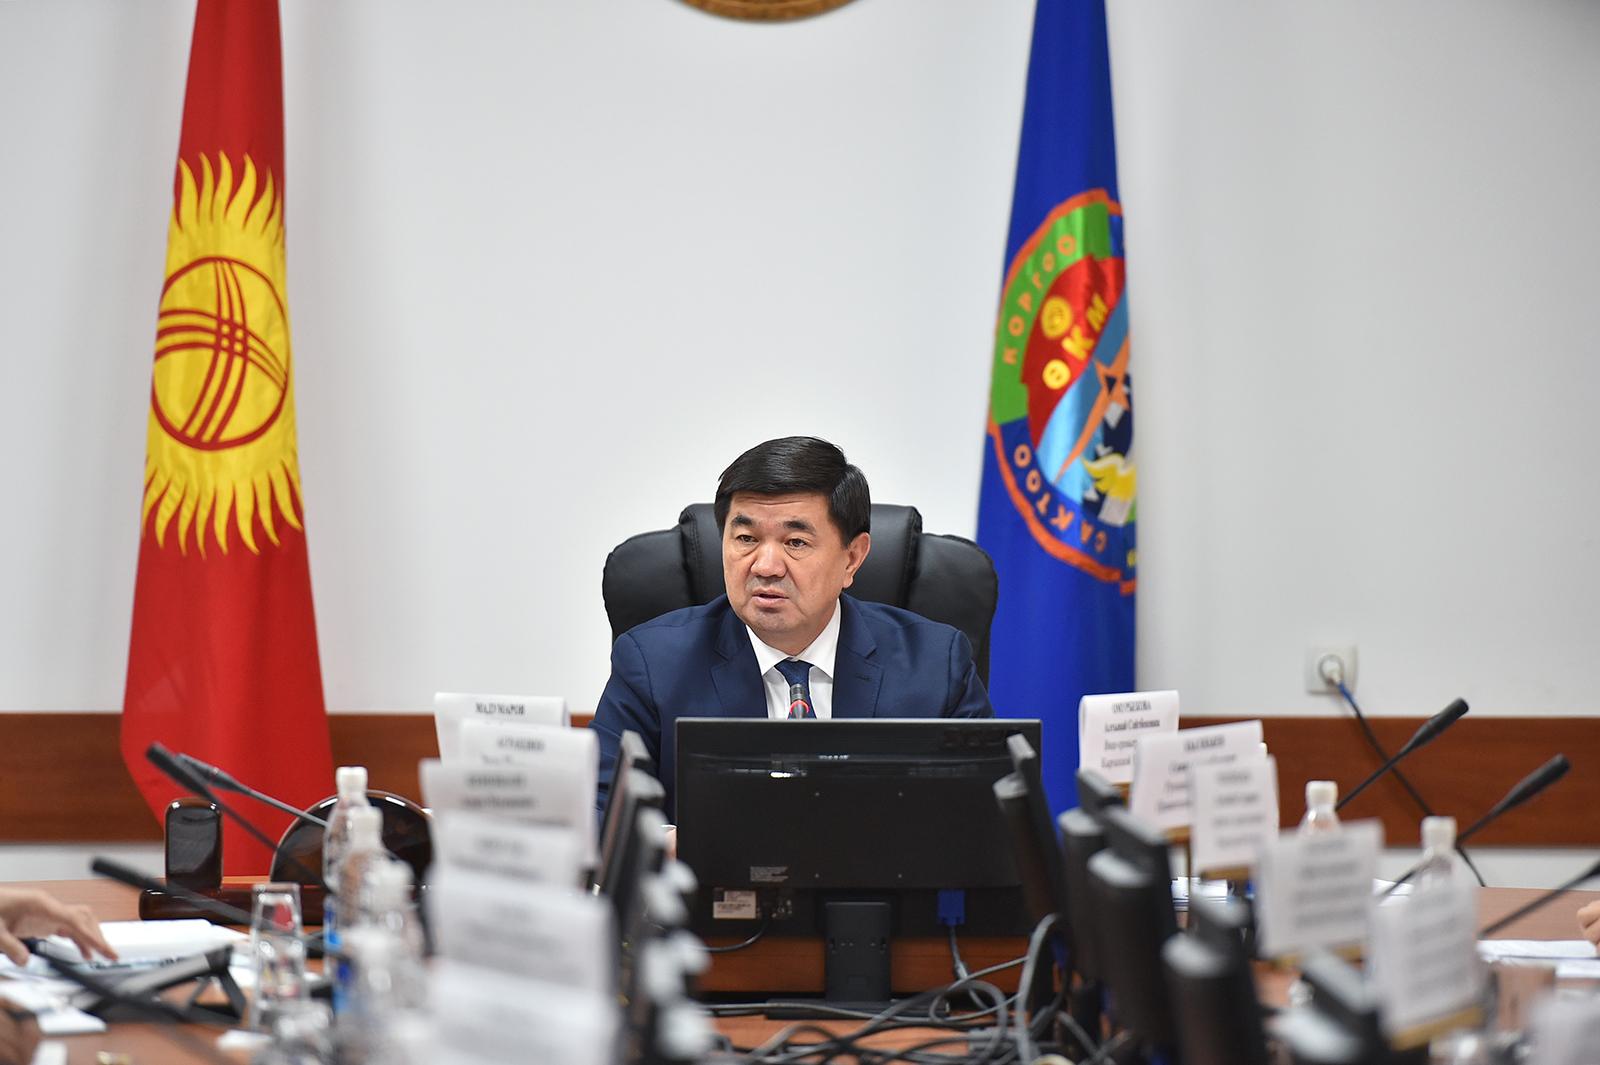 Абылгазиев: Кыргыз-кытай чек арасы жабык, альтернативдик рынокторду издөө керек